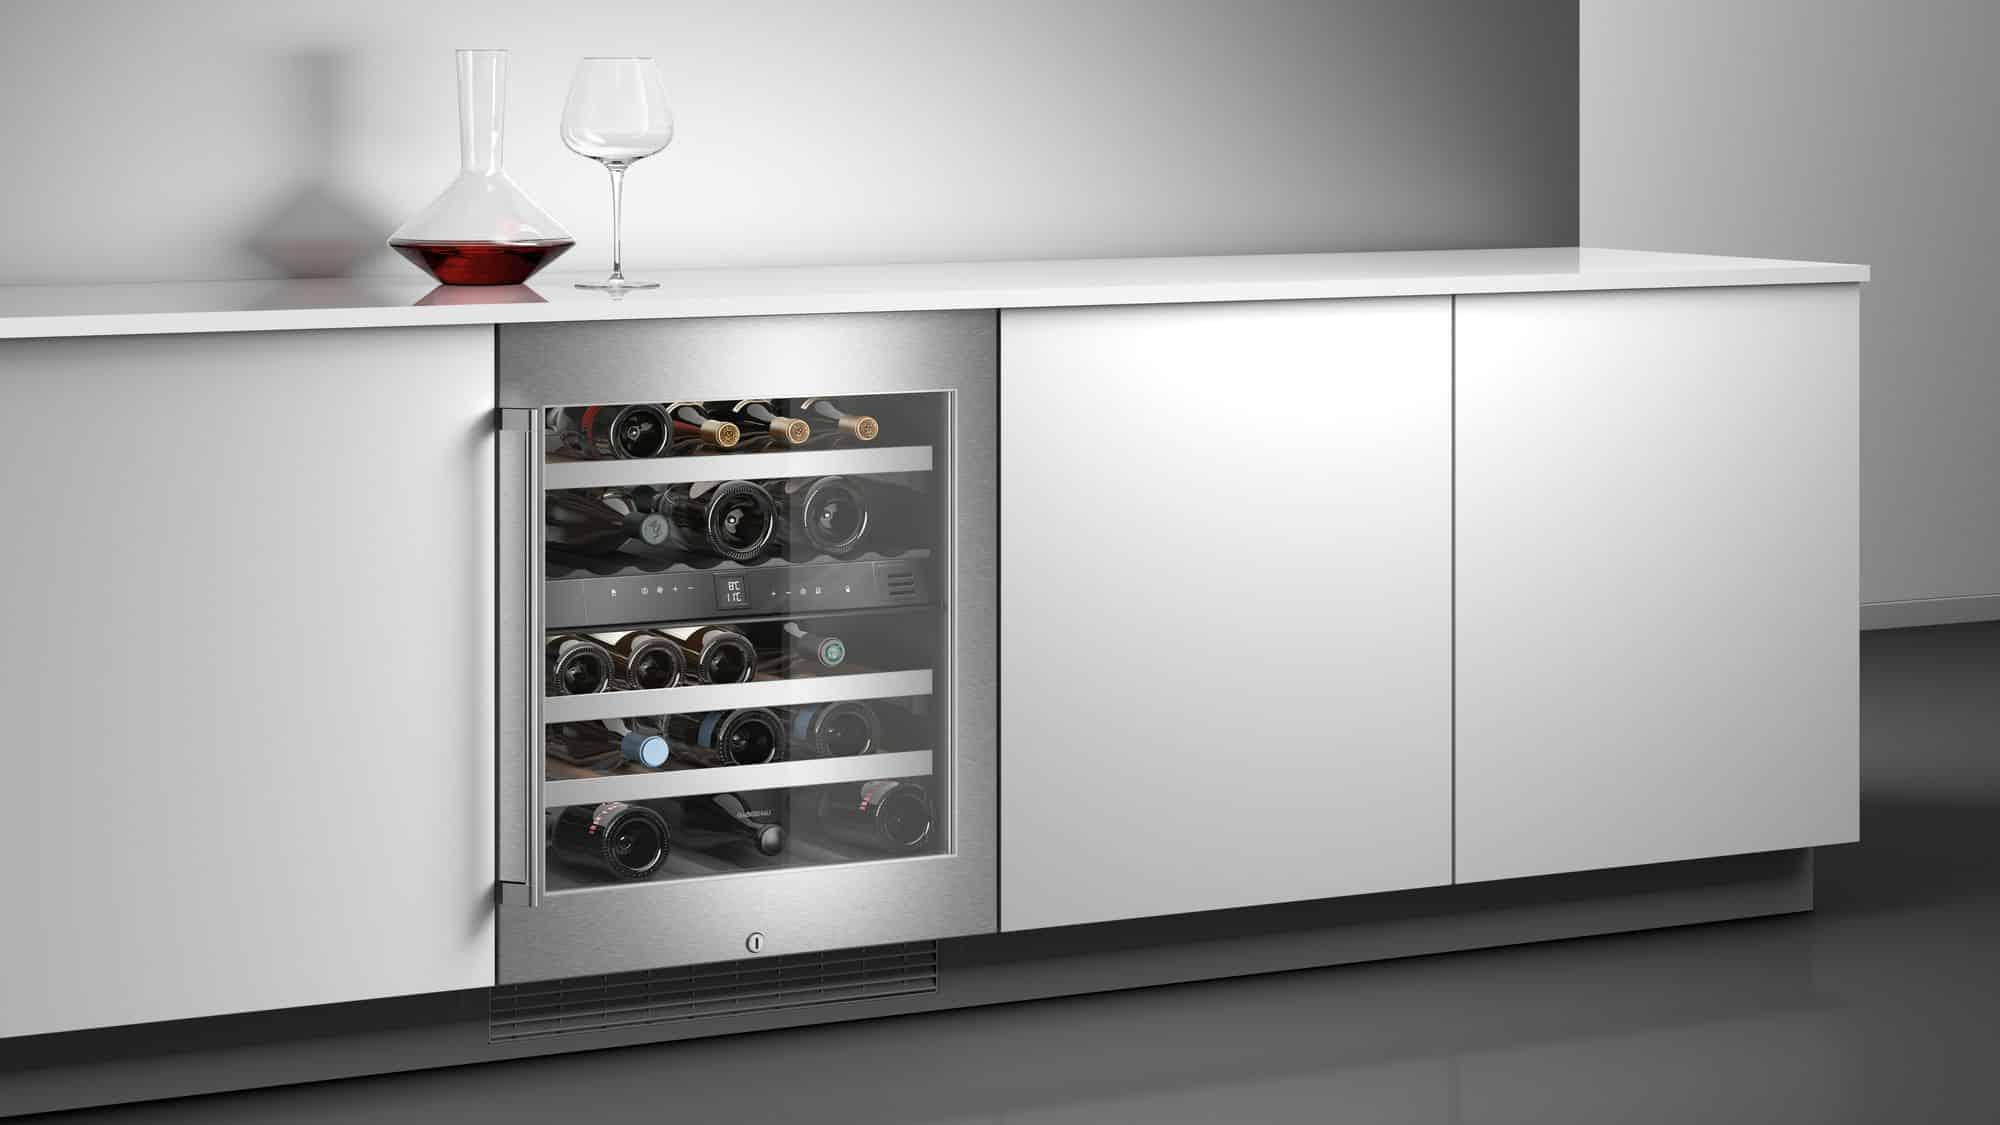 Răcitor de vinuri cu front din sticlă și ramă din oțel inoxidabil